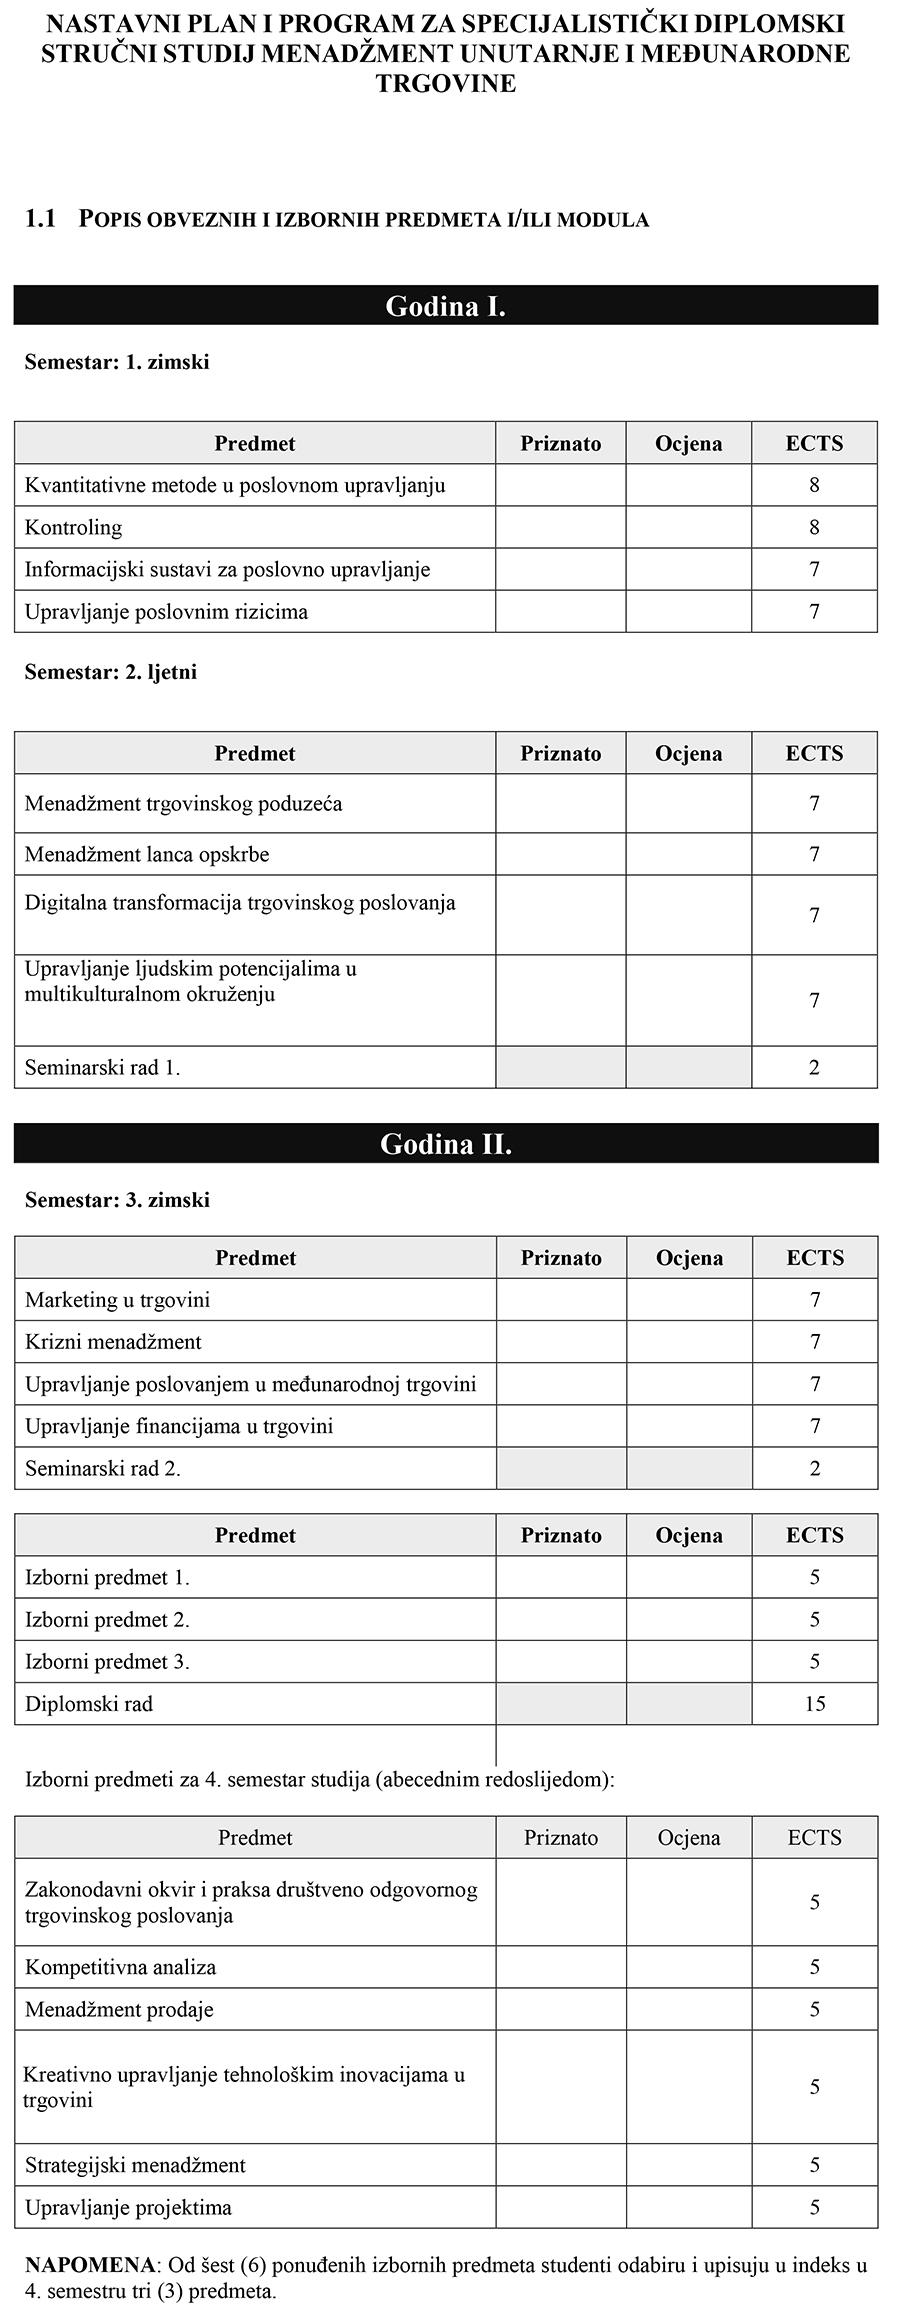 nastavni plan i program MUT-1